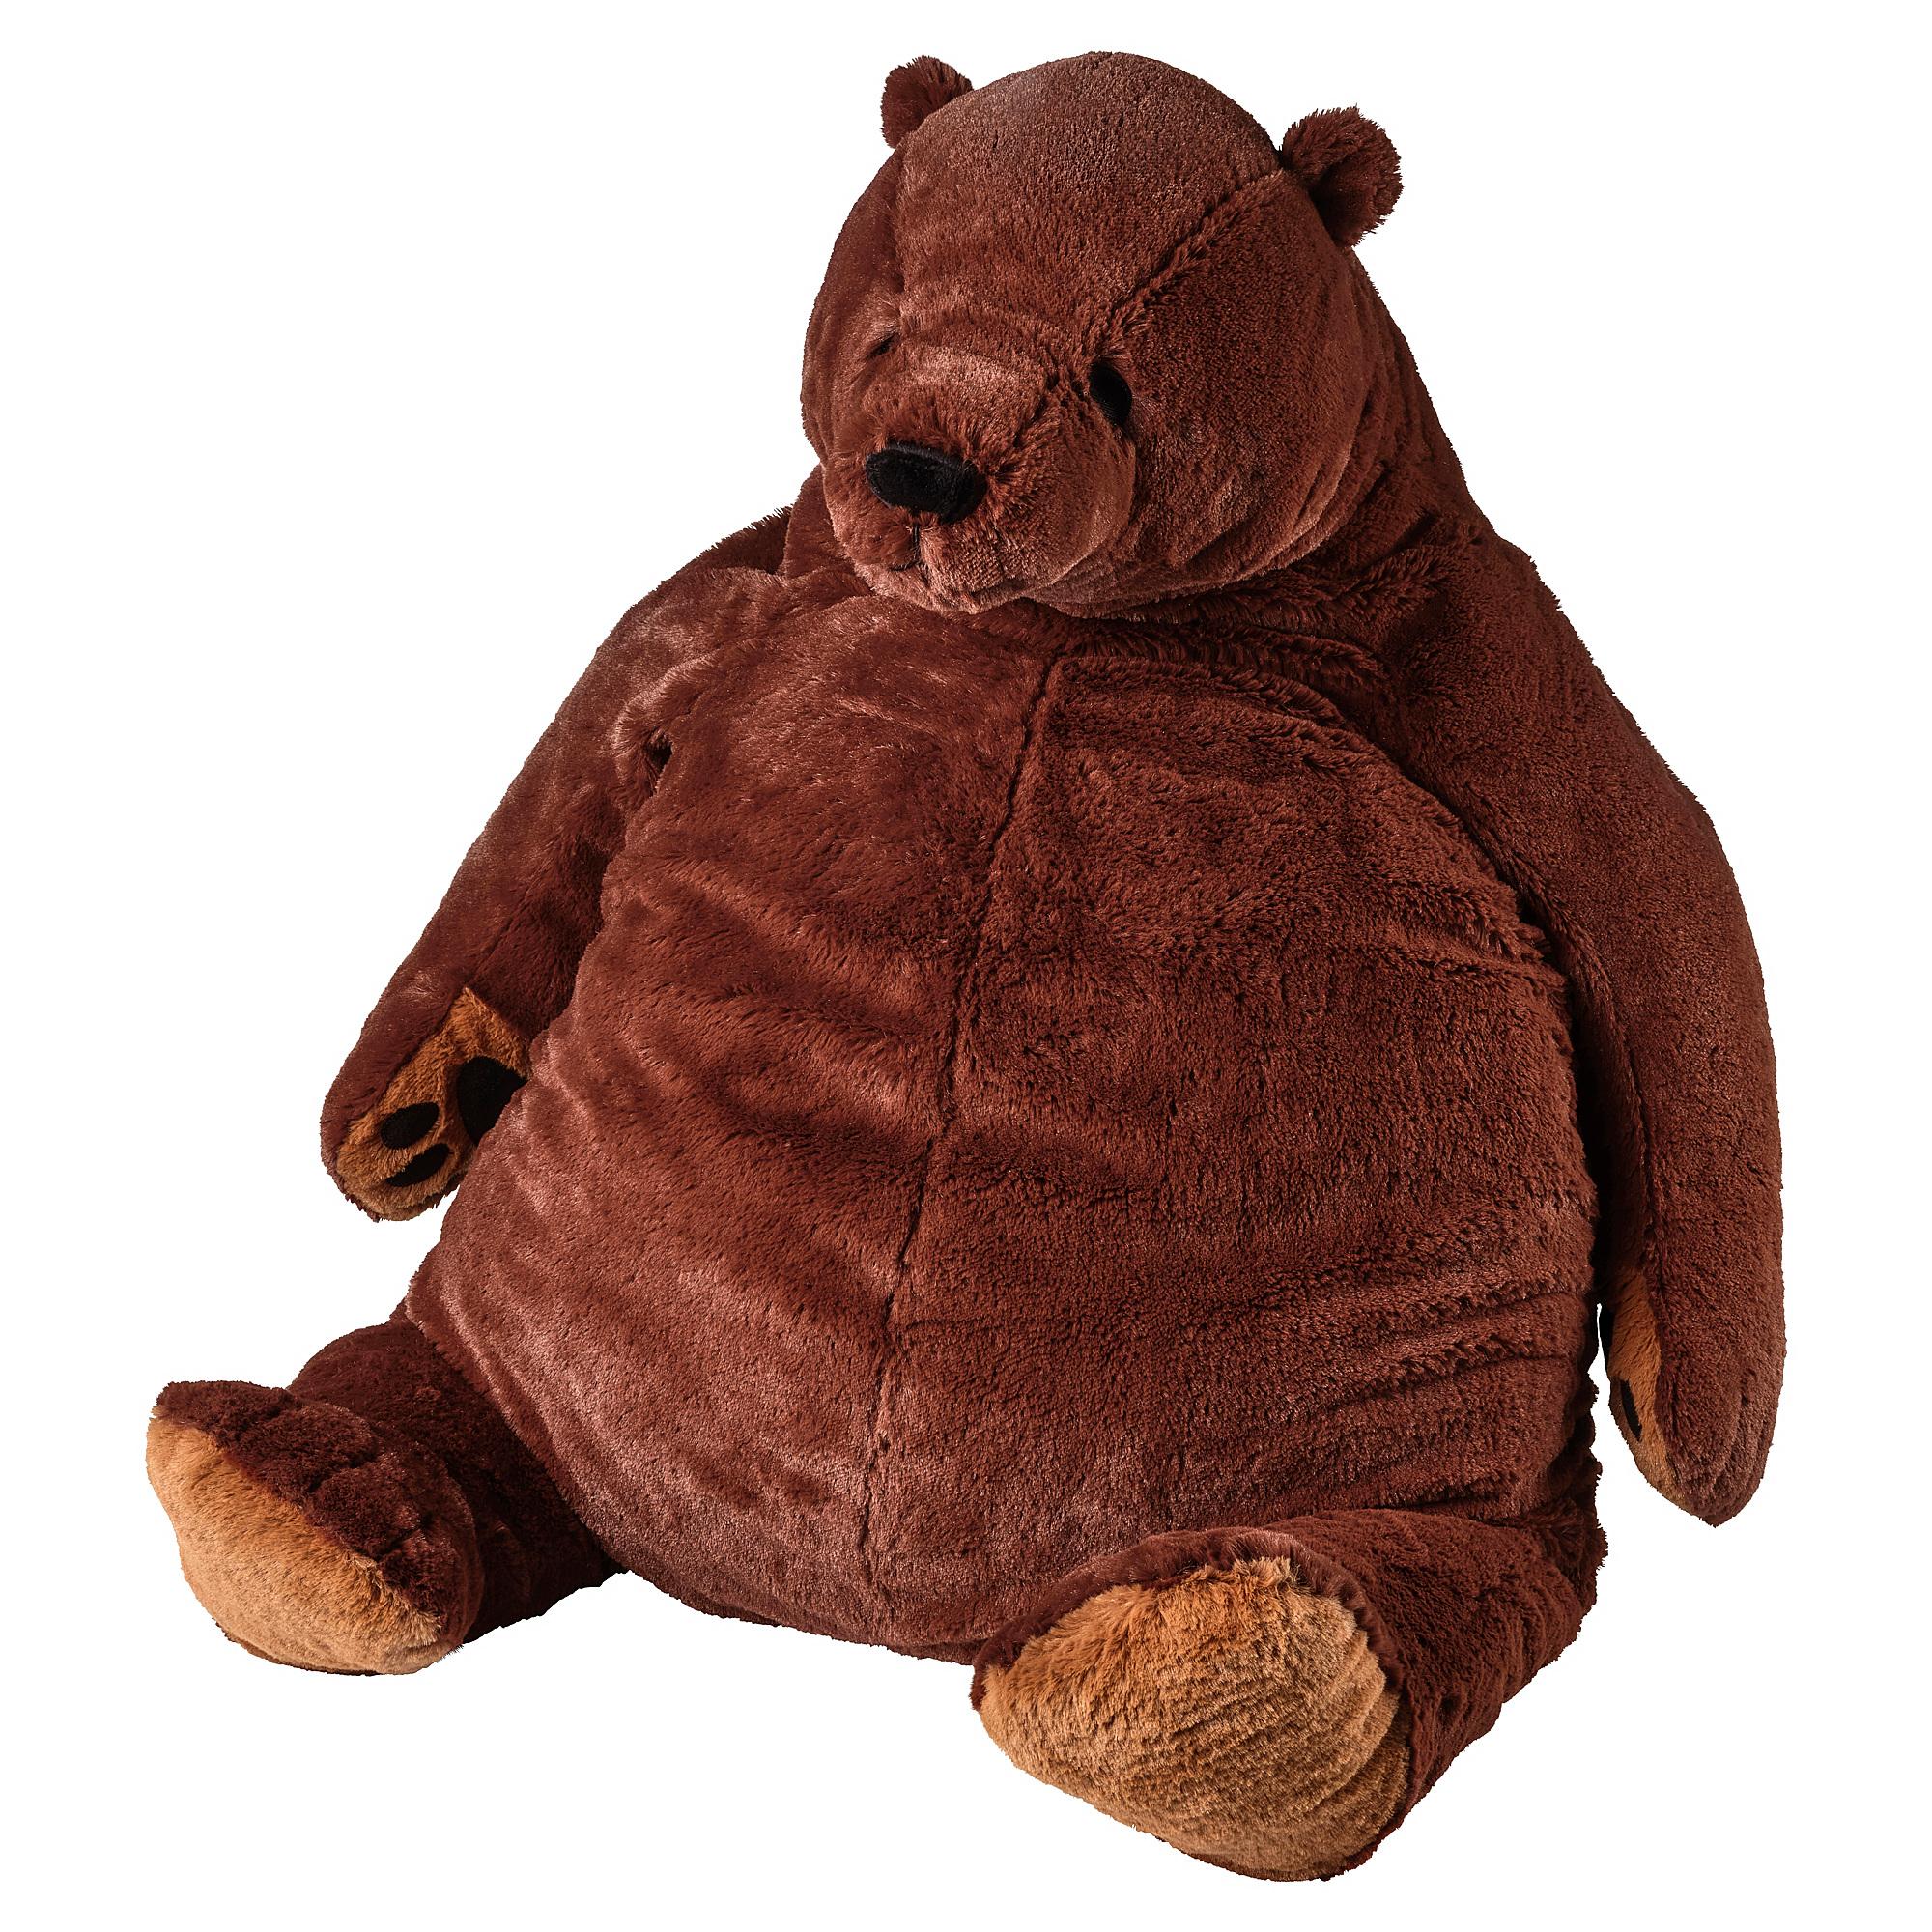 填充玩具, 棕熊,